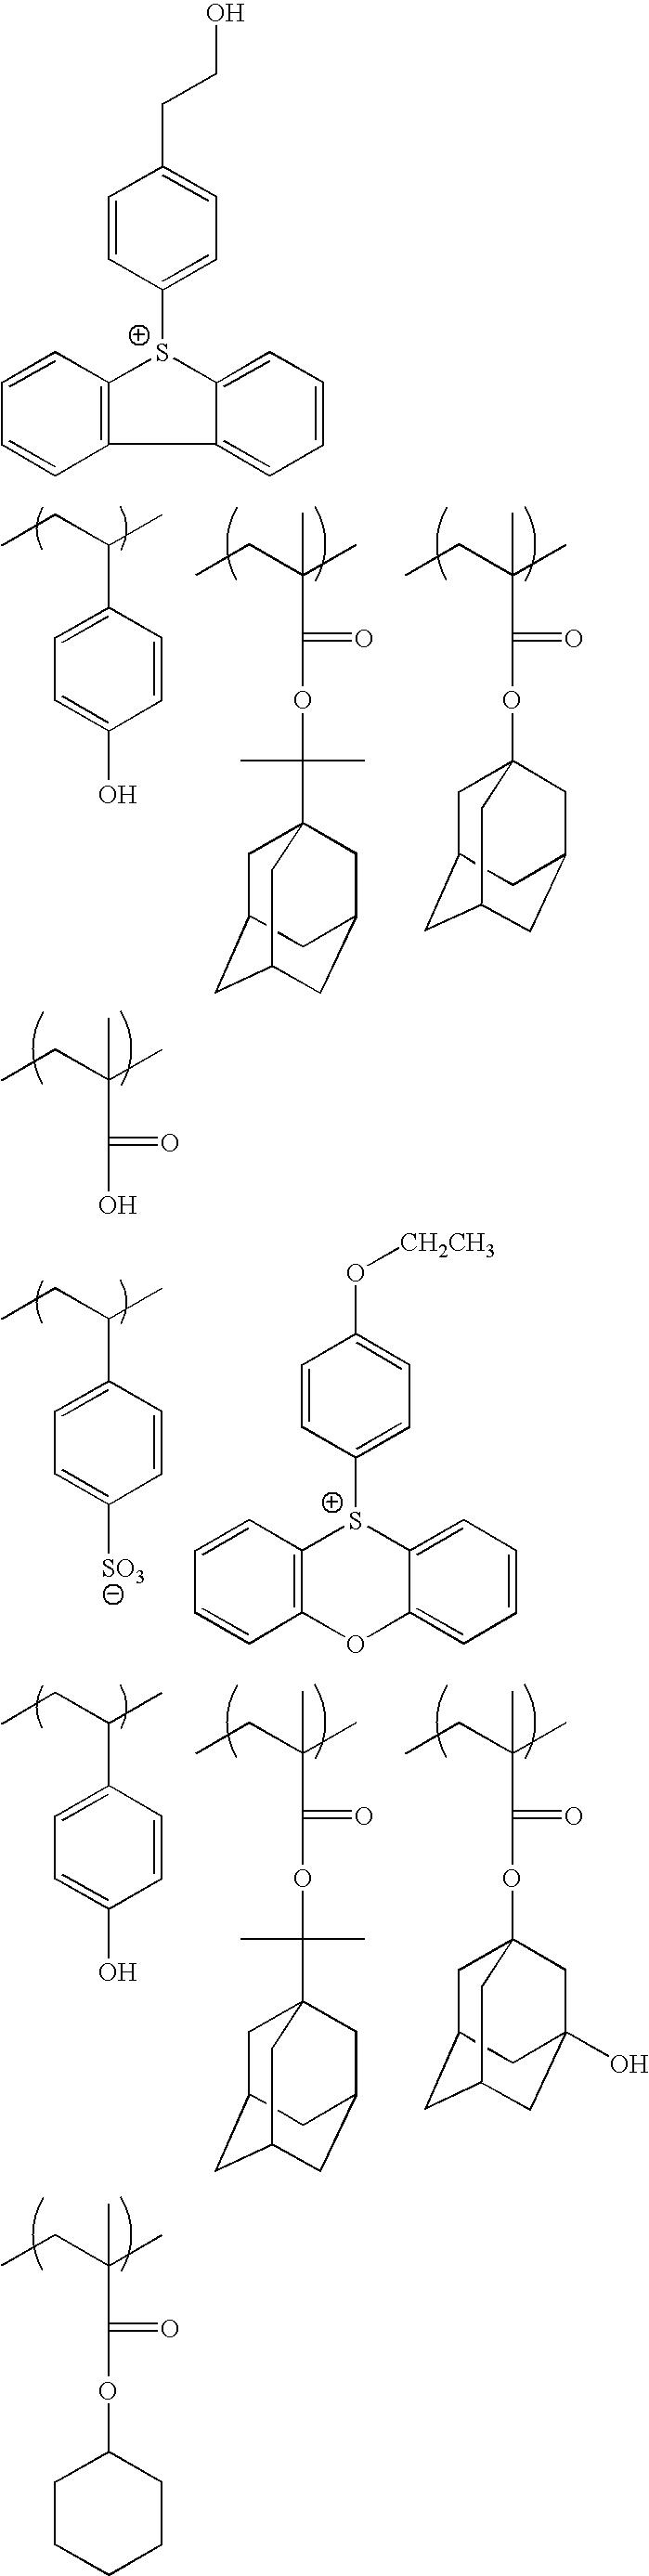 Figure US20100183975A1-20100722-C00195